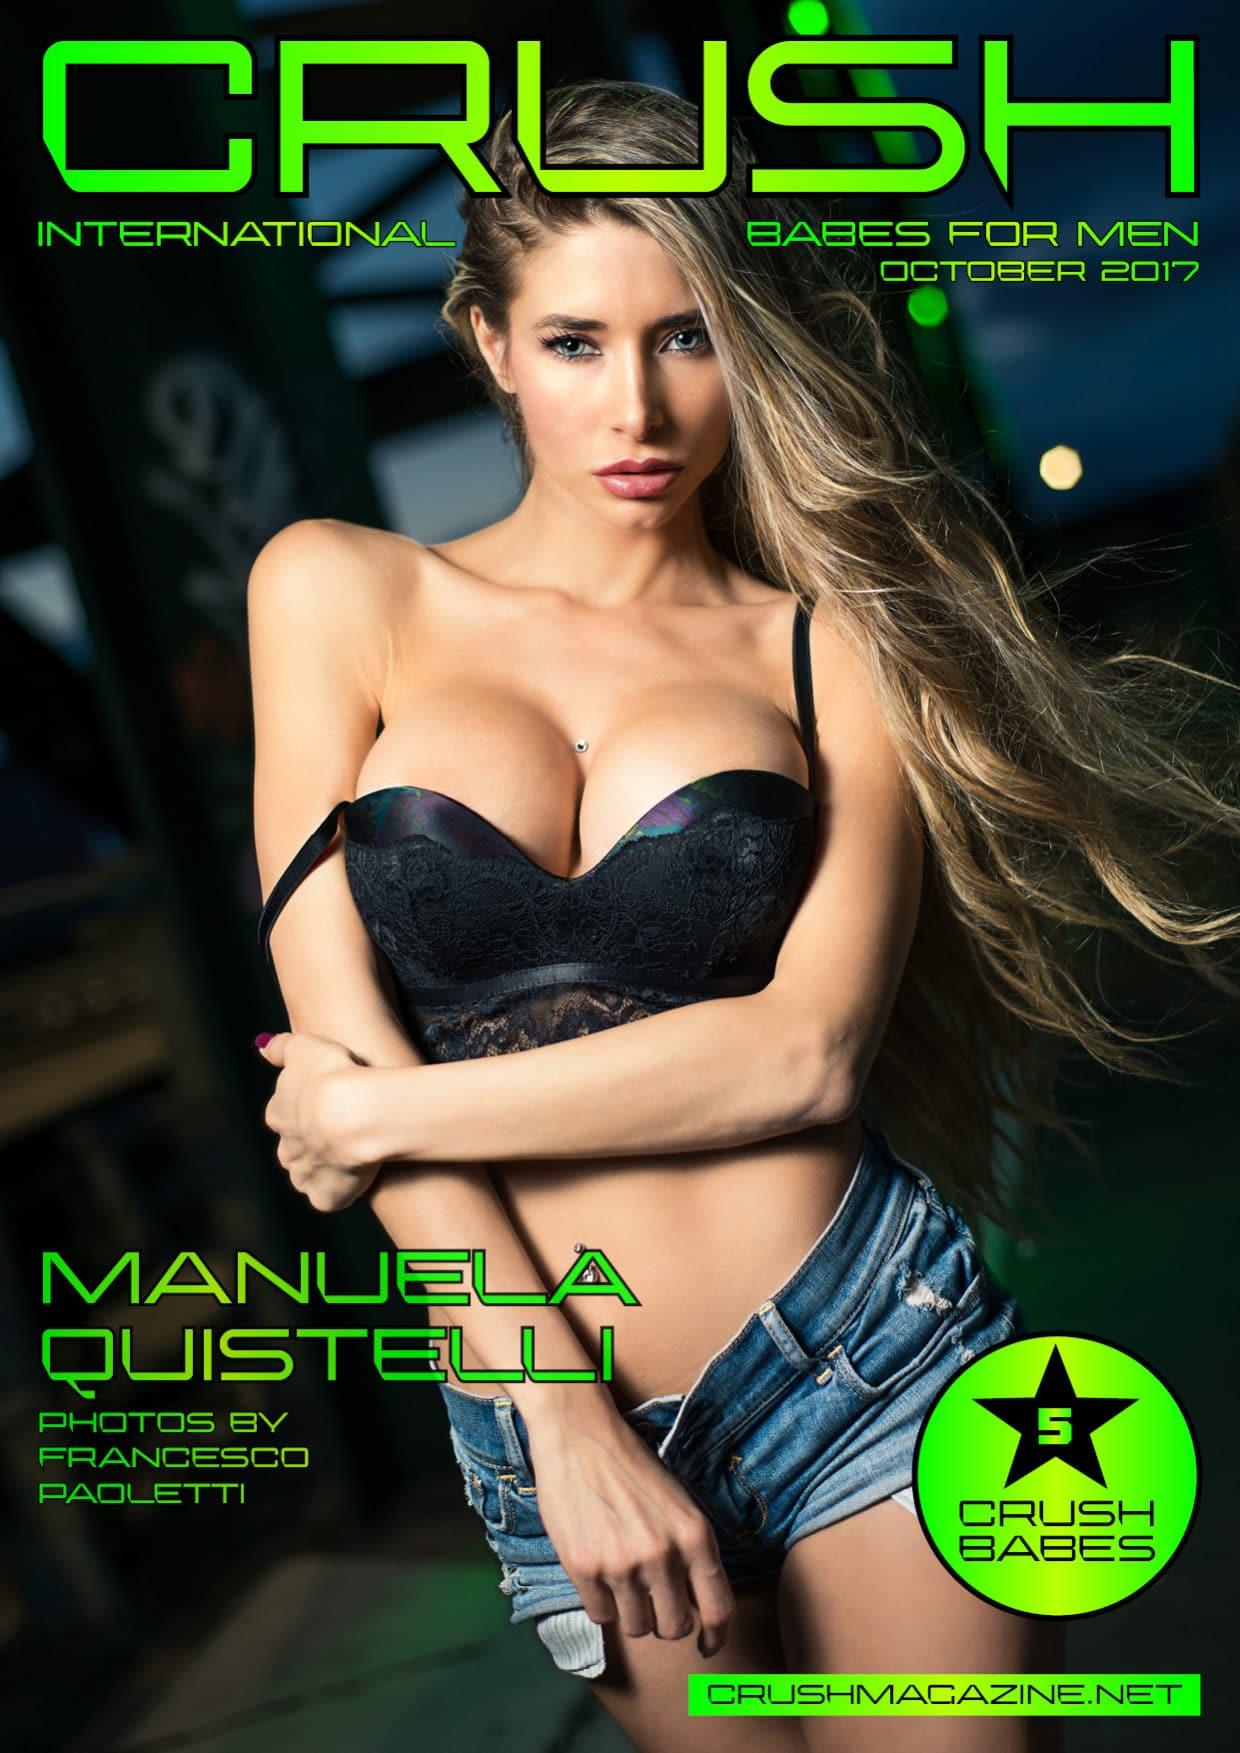 Crush Magazine - October 2017 - Manuela Quistelli 1